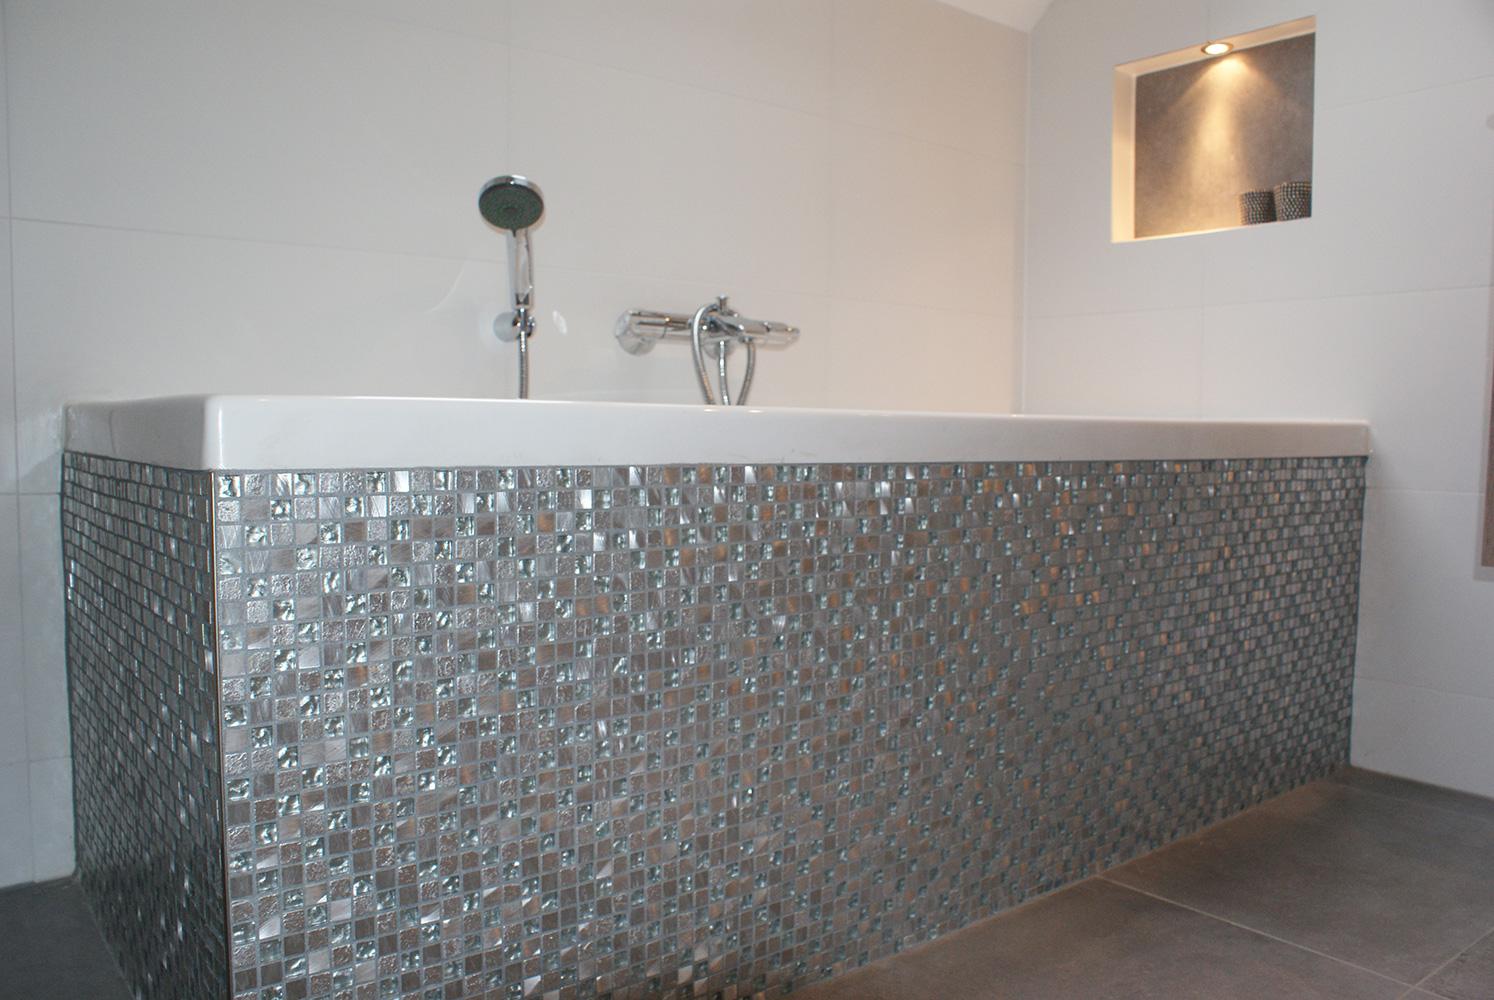 Mozaiek Badkamer Tegels : Unieke uitstraling met mozaïek tegels secuur tegelwerken